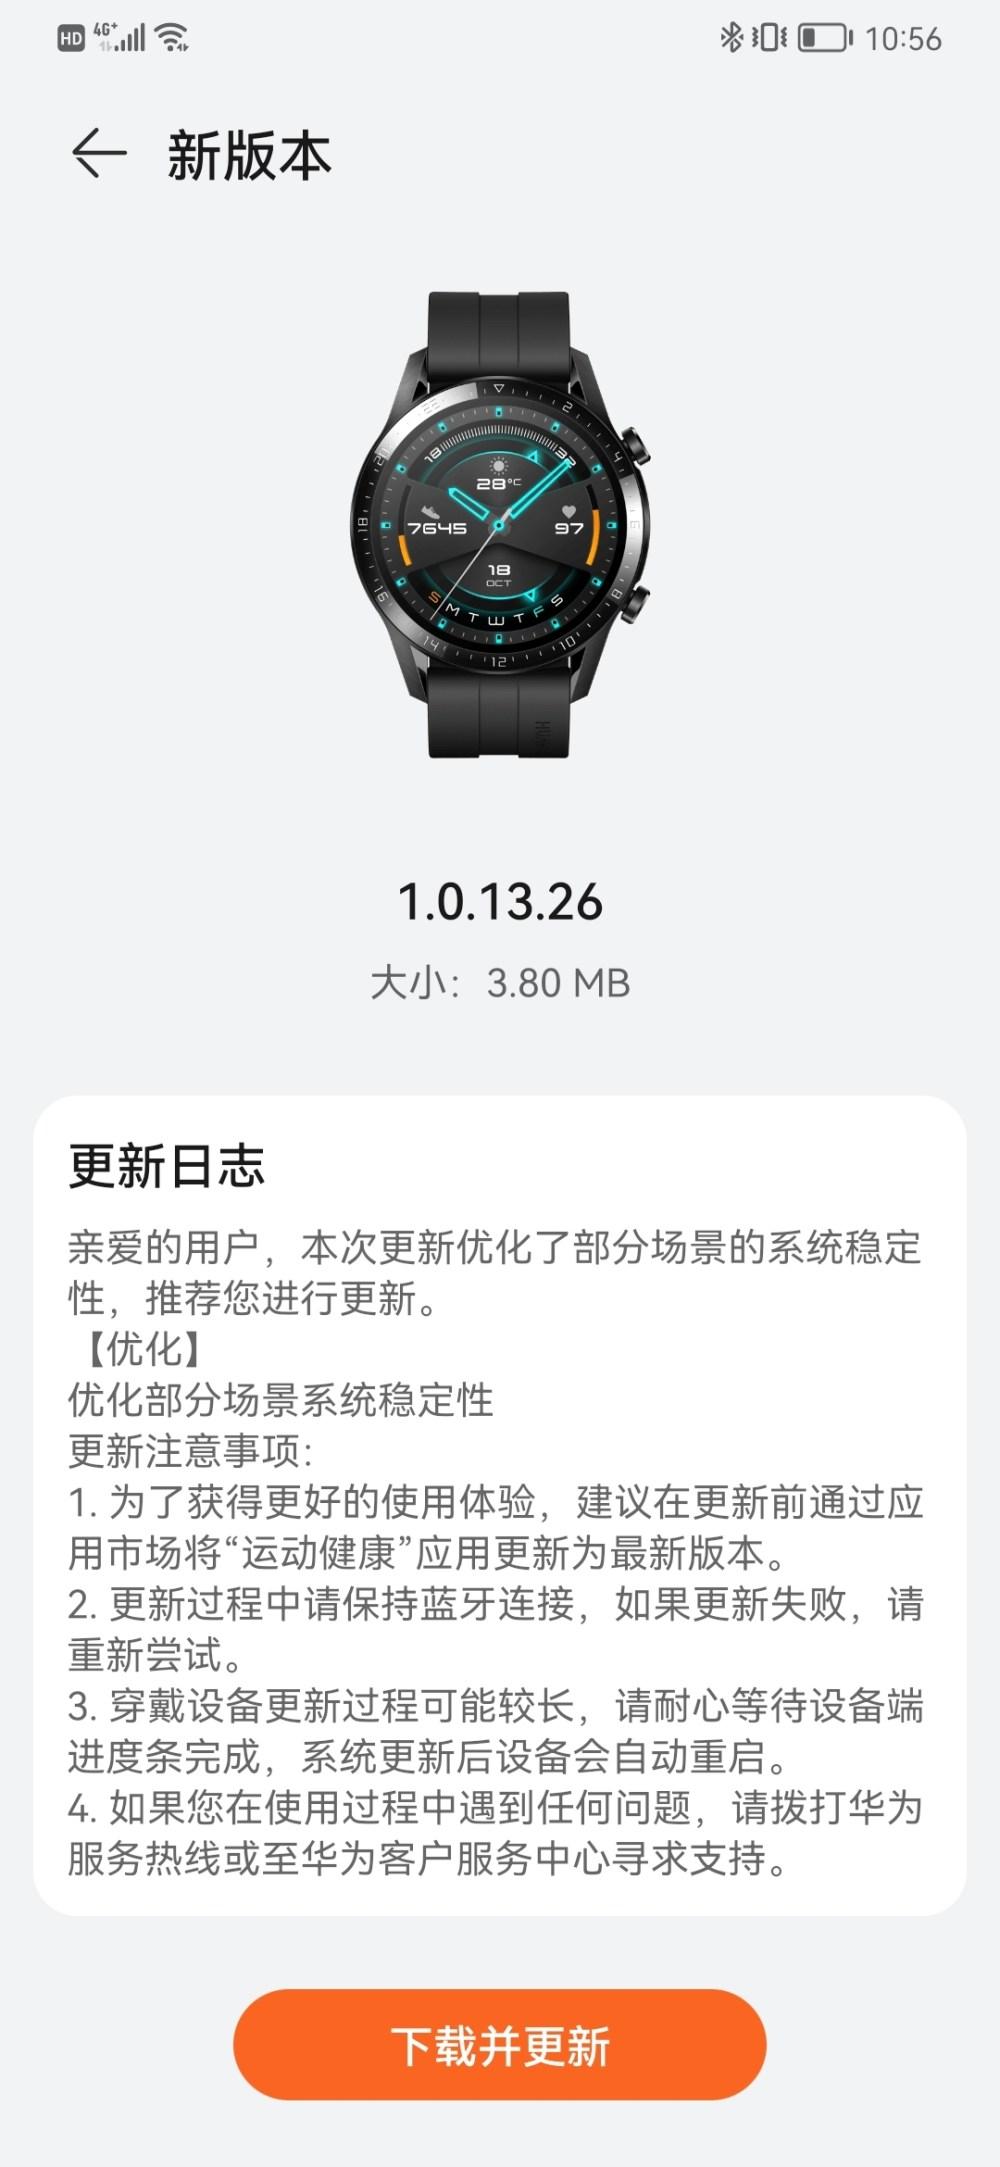 Huawei Watch GT 2 46mm 1.0.13.26